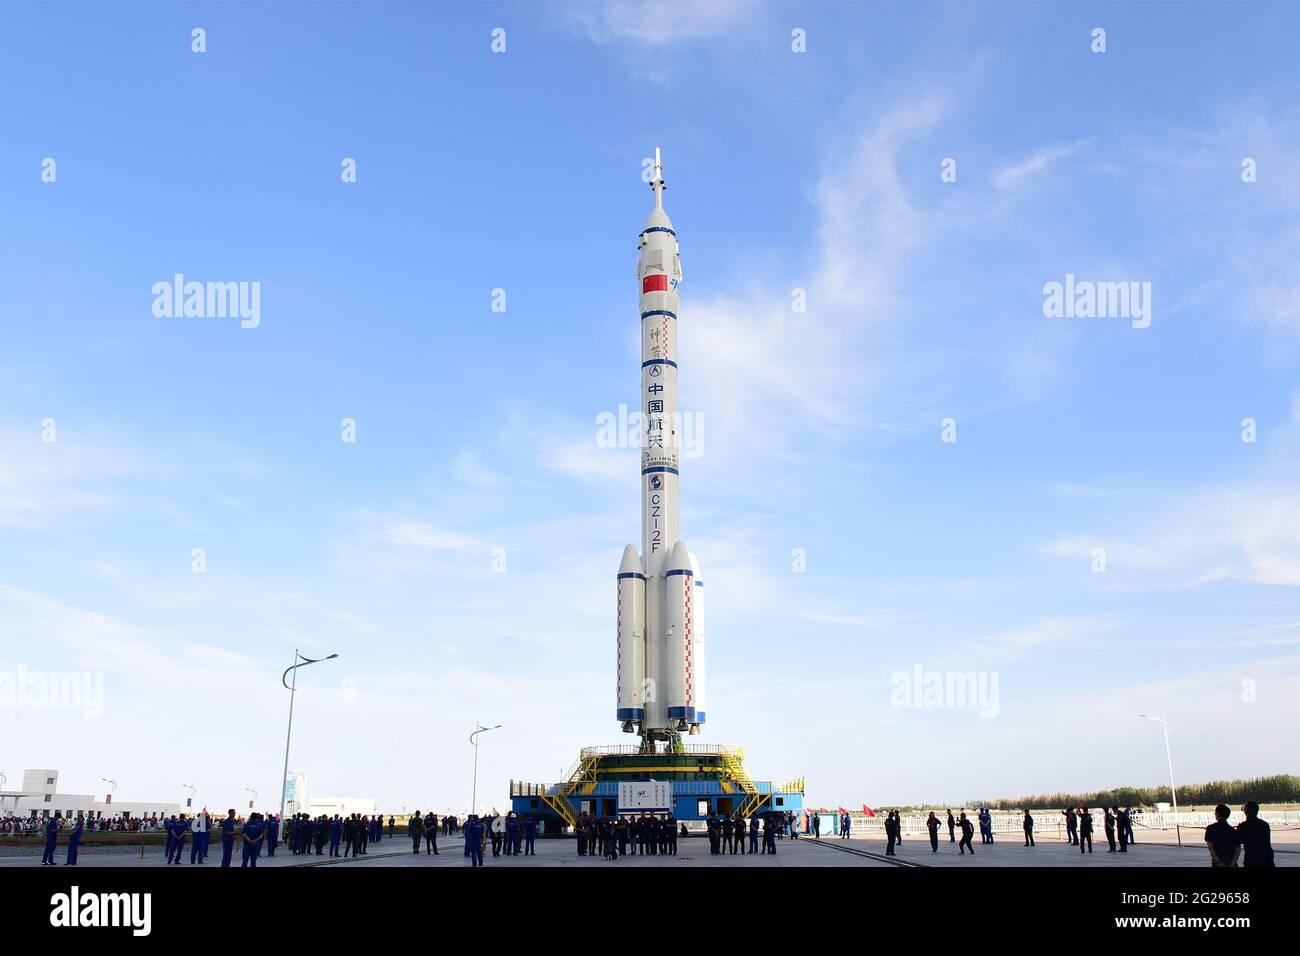 (210609) -- JIUQUAN, 9. Juni 2021 (Xinhua) -- die Kombination aus dem bemannten Raumschiff Shenzhou-12 und einer langen Trägerrakete vom März bis zum 2F wird am 9. Juni 2021 in das Startgebiet des Satellitenstartzentrums Jiuquan im Nordwesten Chinas verlegt. Die Kombination aus dem bemannten Raumschiff Shenzhou-12 und einer langen Trägerrakete vom 2. März wurde in das Startgebiet verlegt, teilte die China Manned Space Agency (CMSA) am Mittwoch mit. Quelle: Xinhua/Alamy Live News Stockfoto